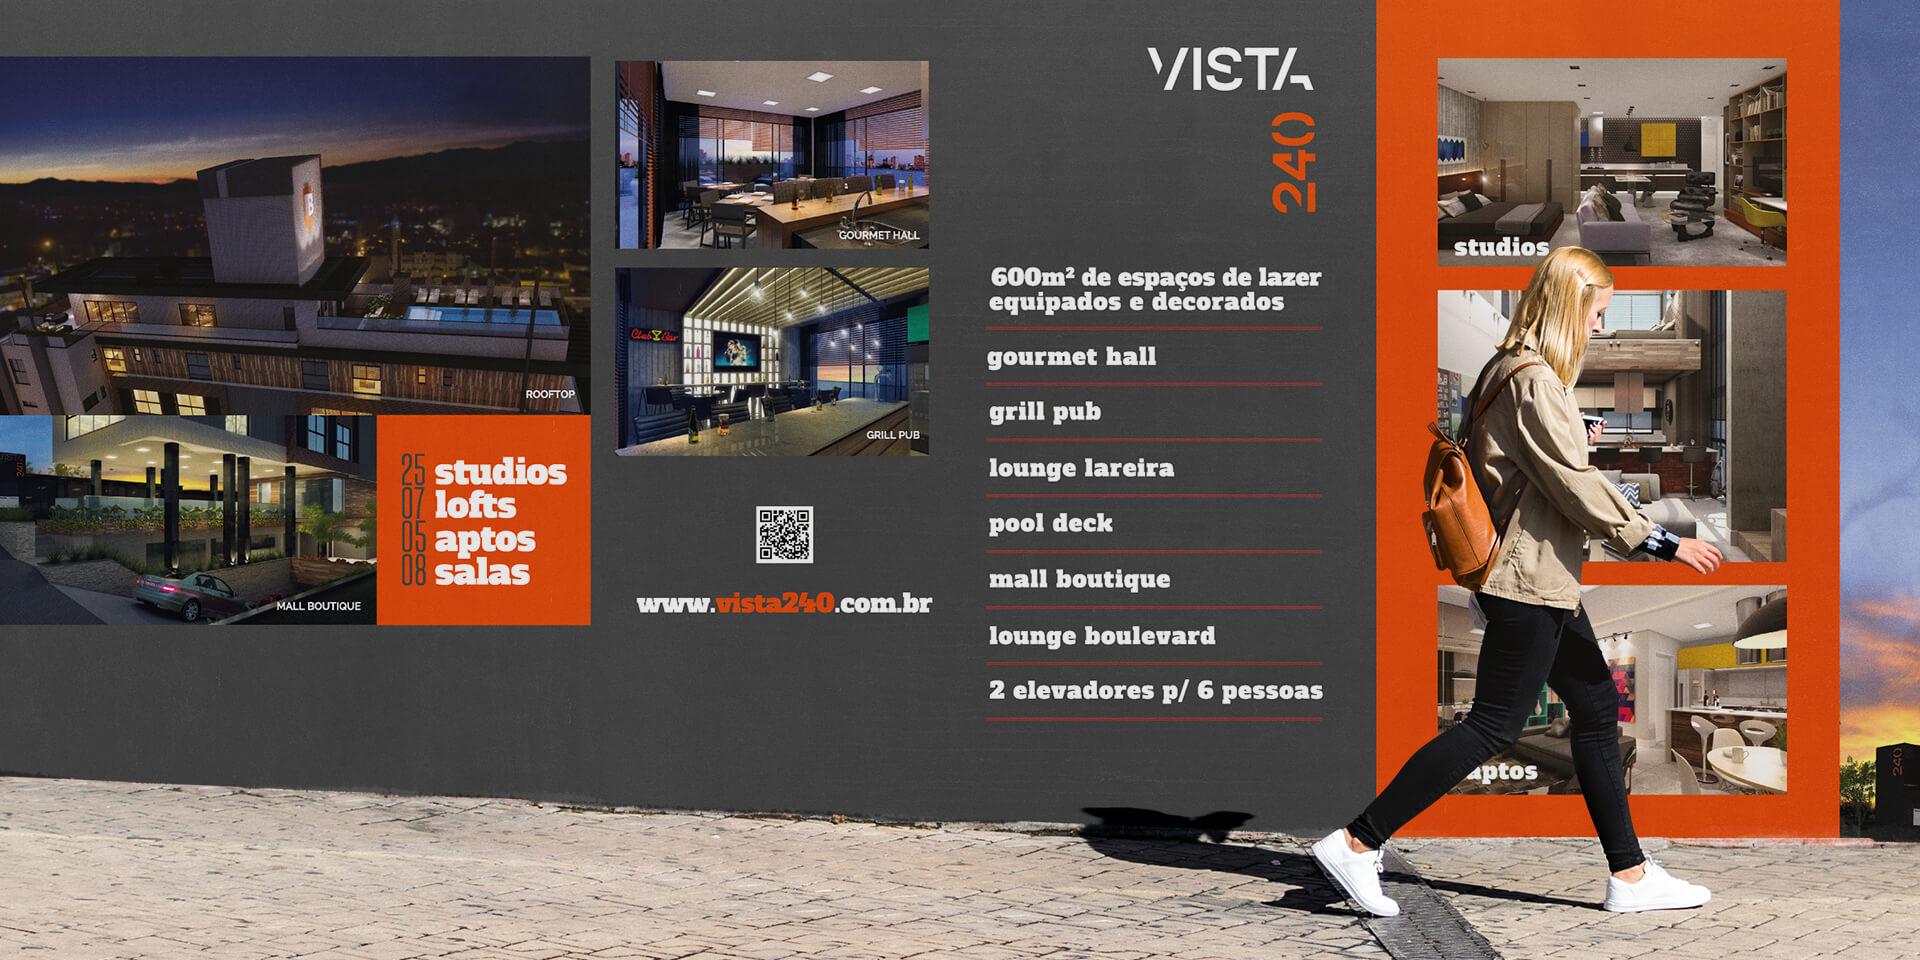 firmorama_vista240_bazzanella-empreendimentos_11